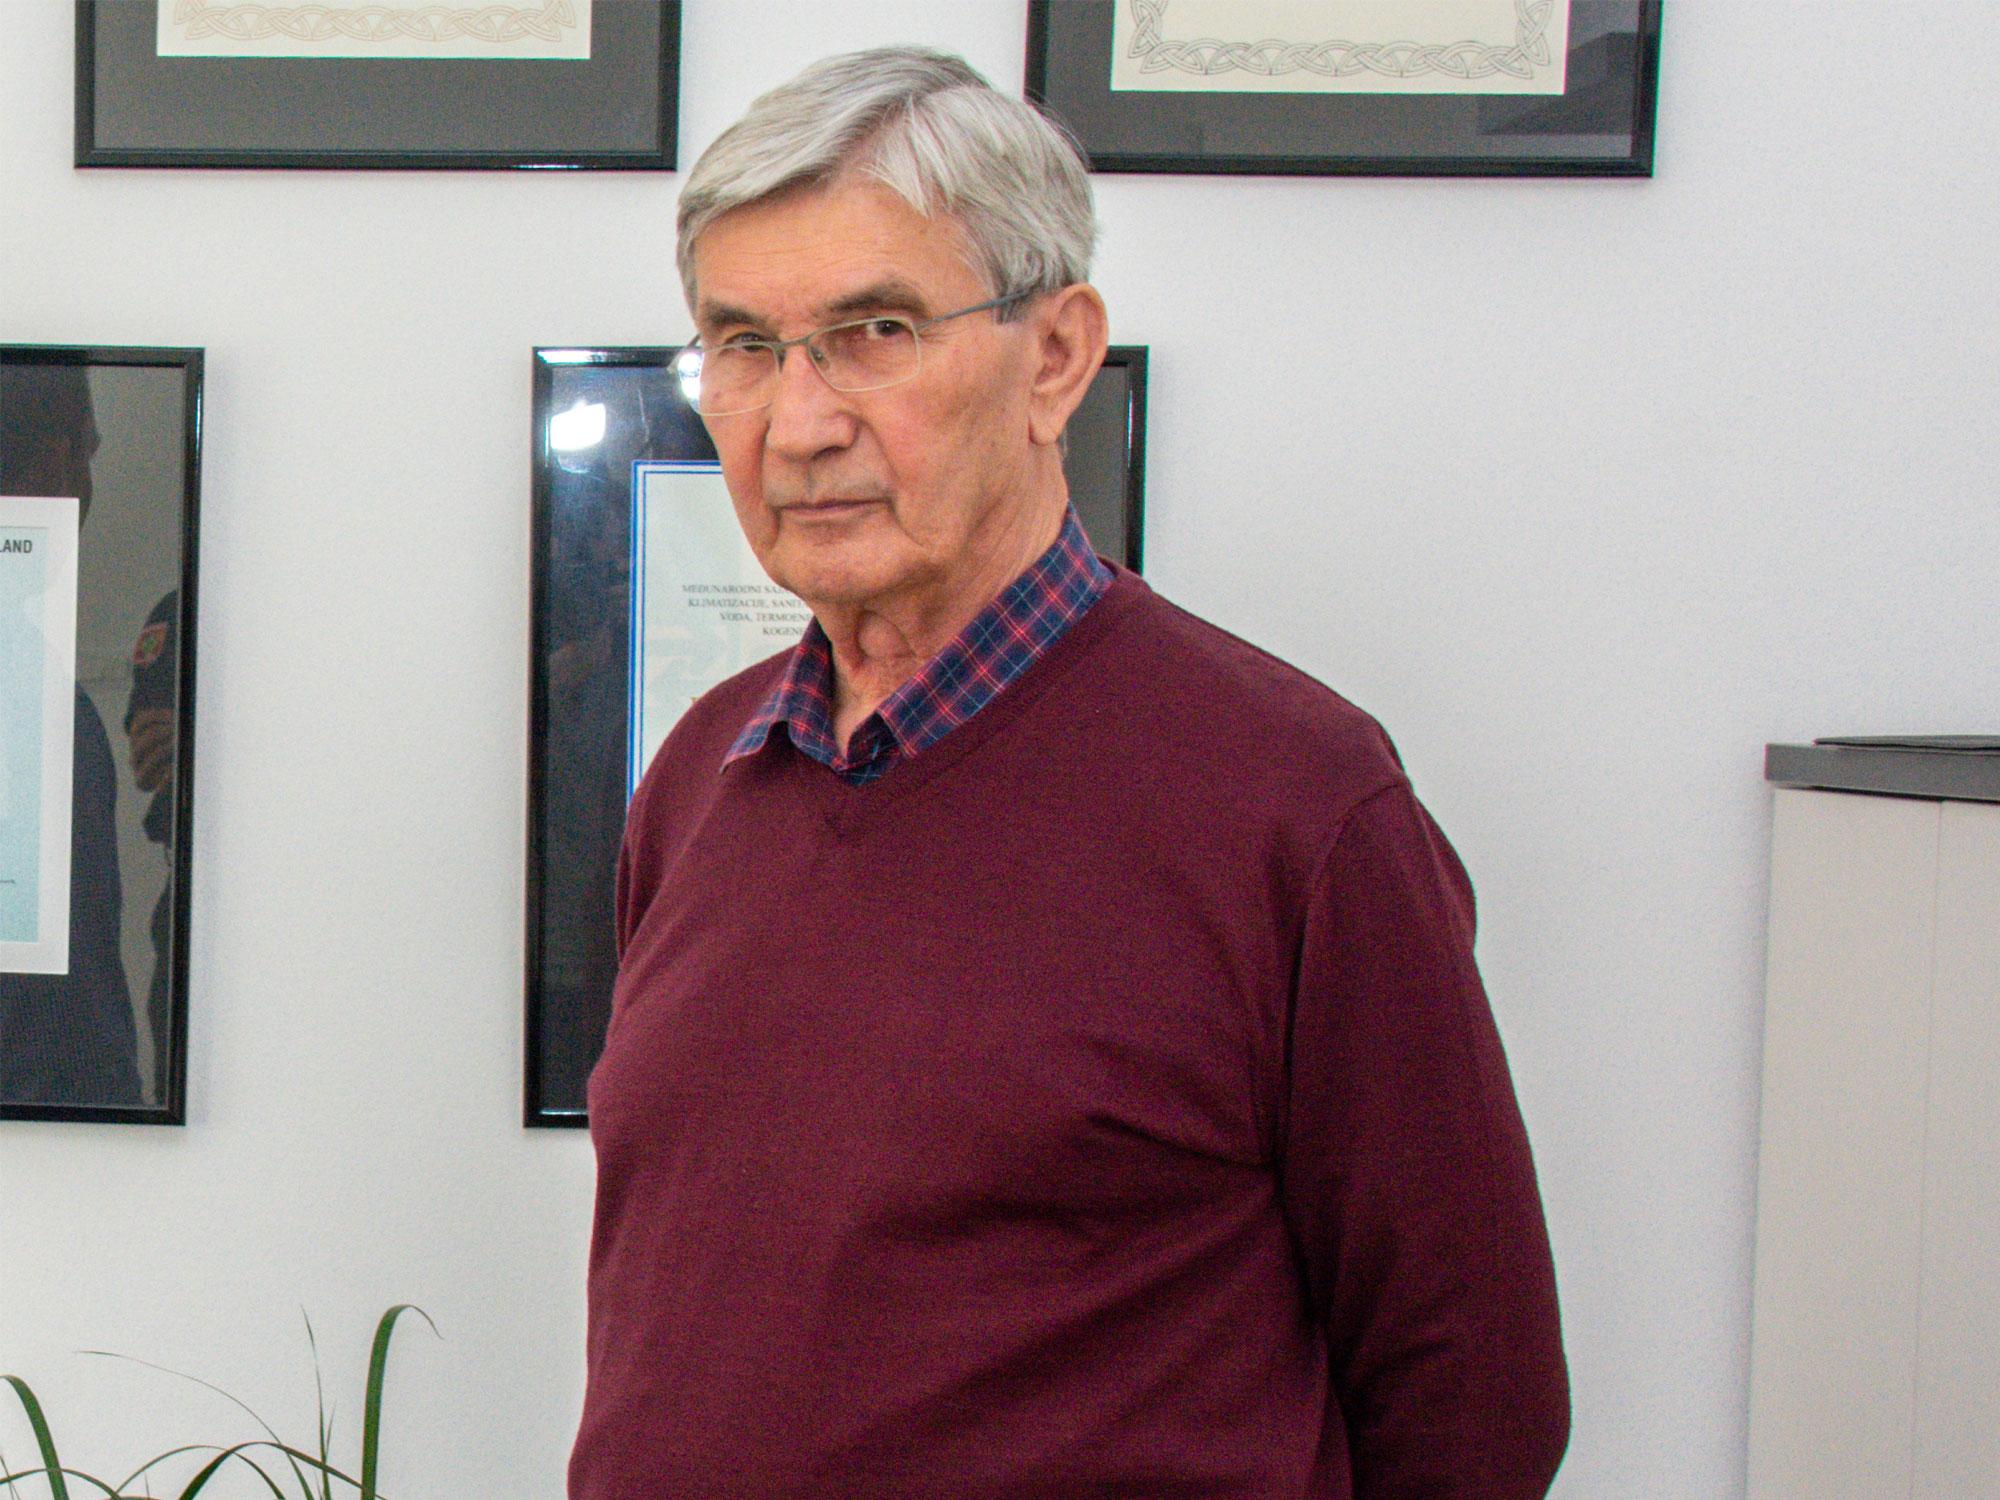 Čestitamo: Milutin Drljević postao je počasni građanin našeg Jelenja, a NK Rječina najbolji kolektiv u ovoj godini